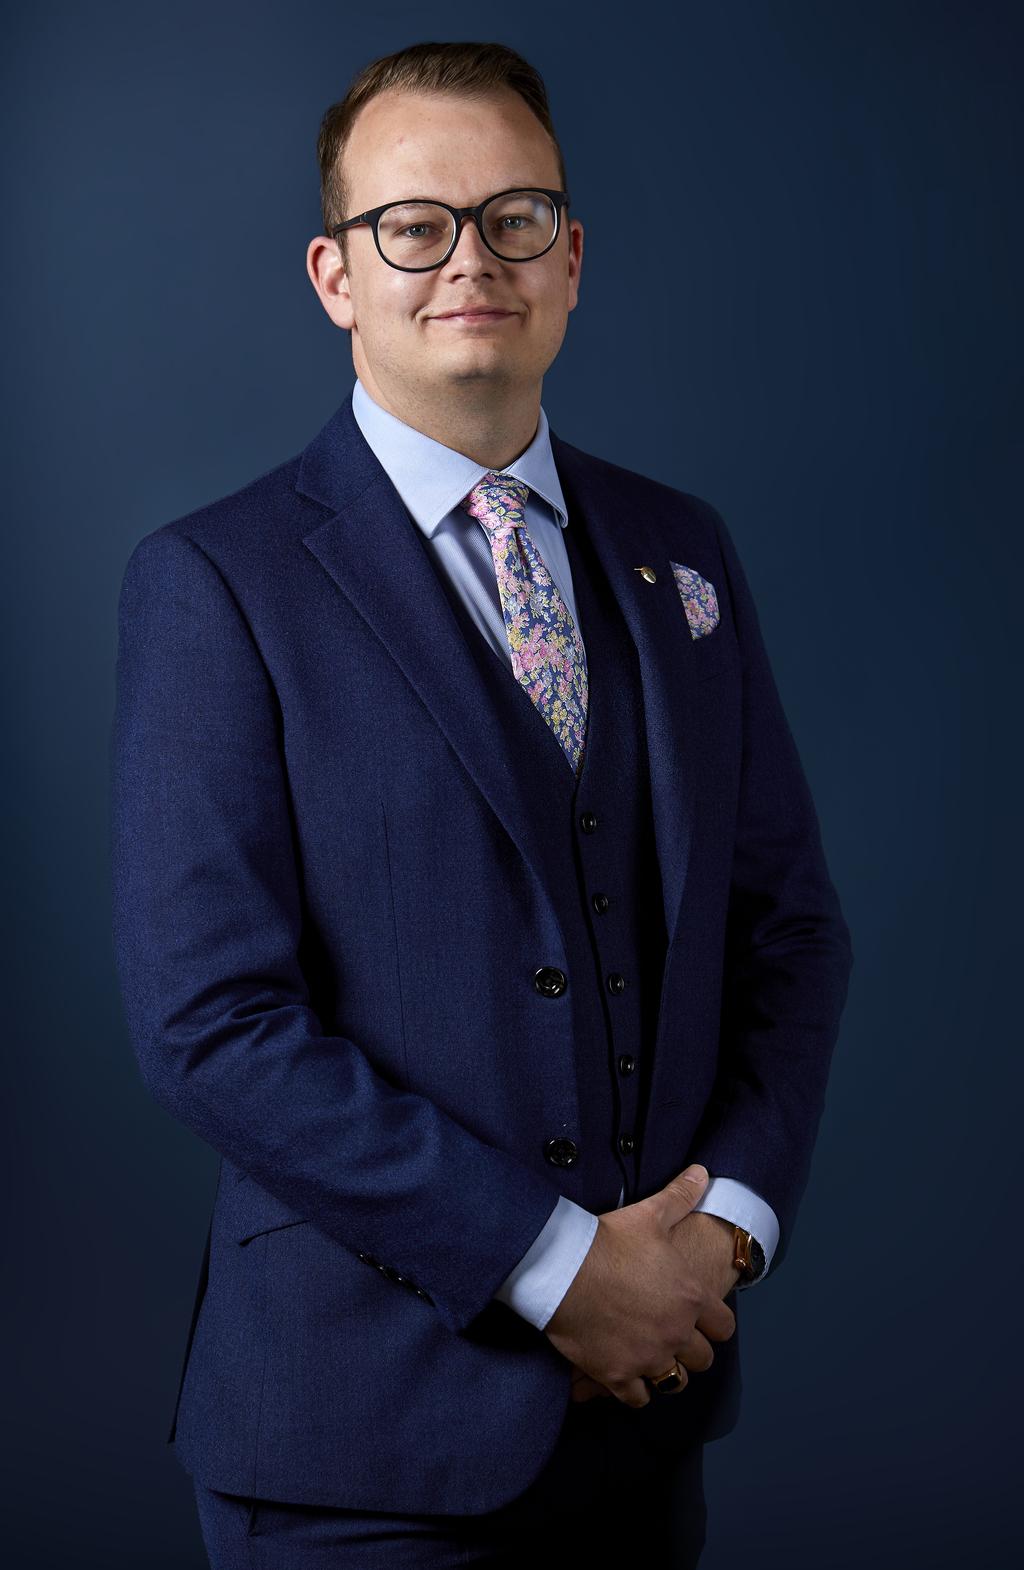 Alex Von Ulmenstein